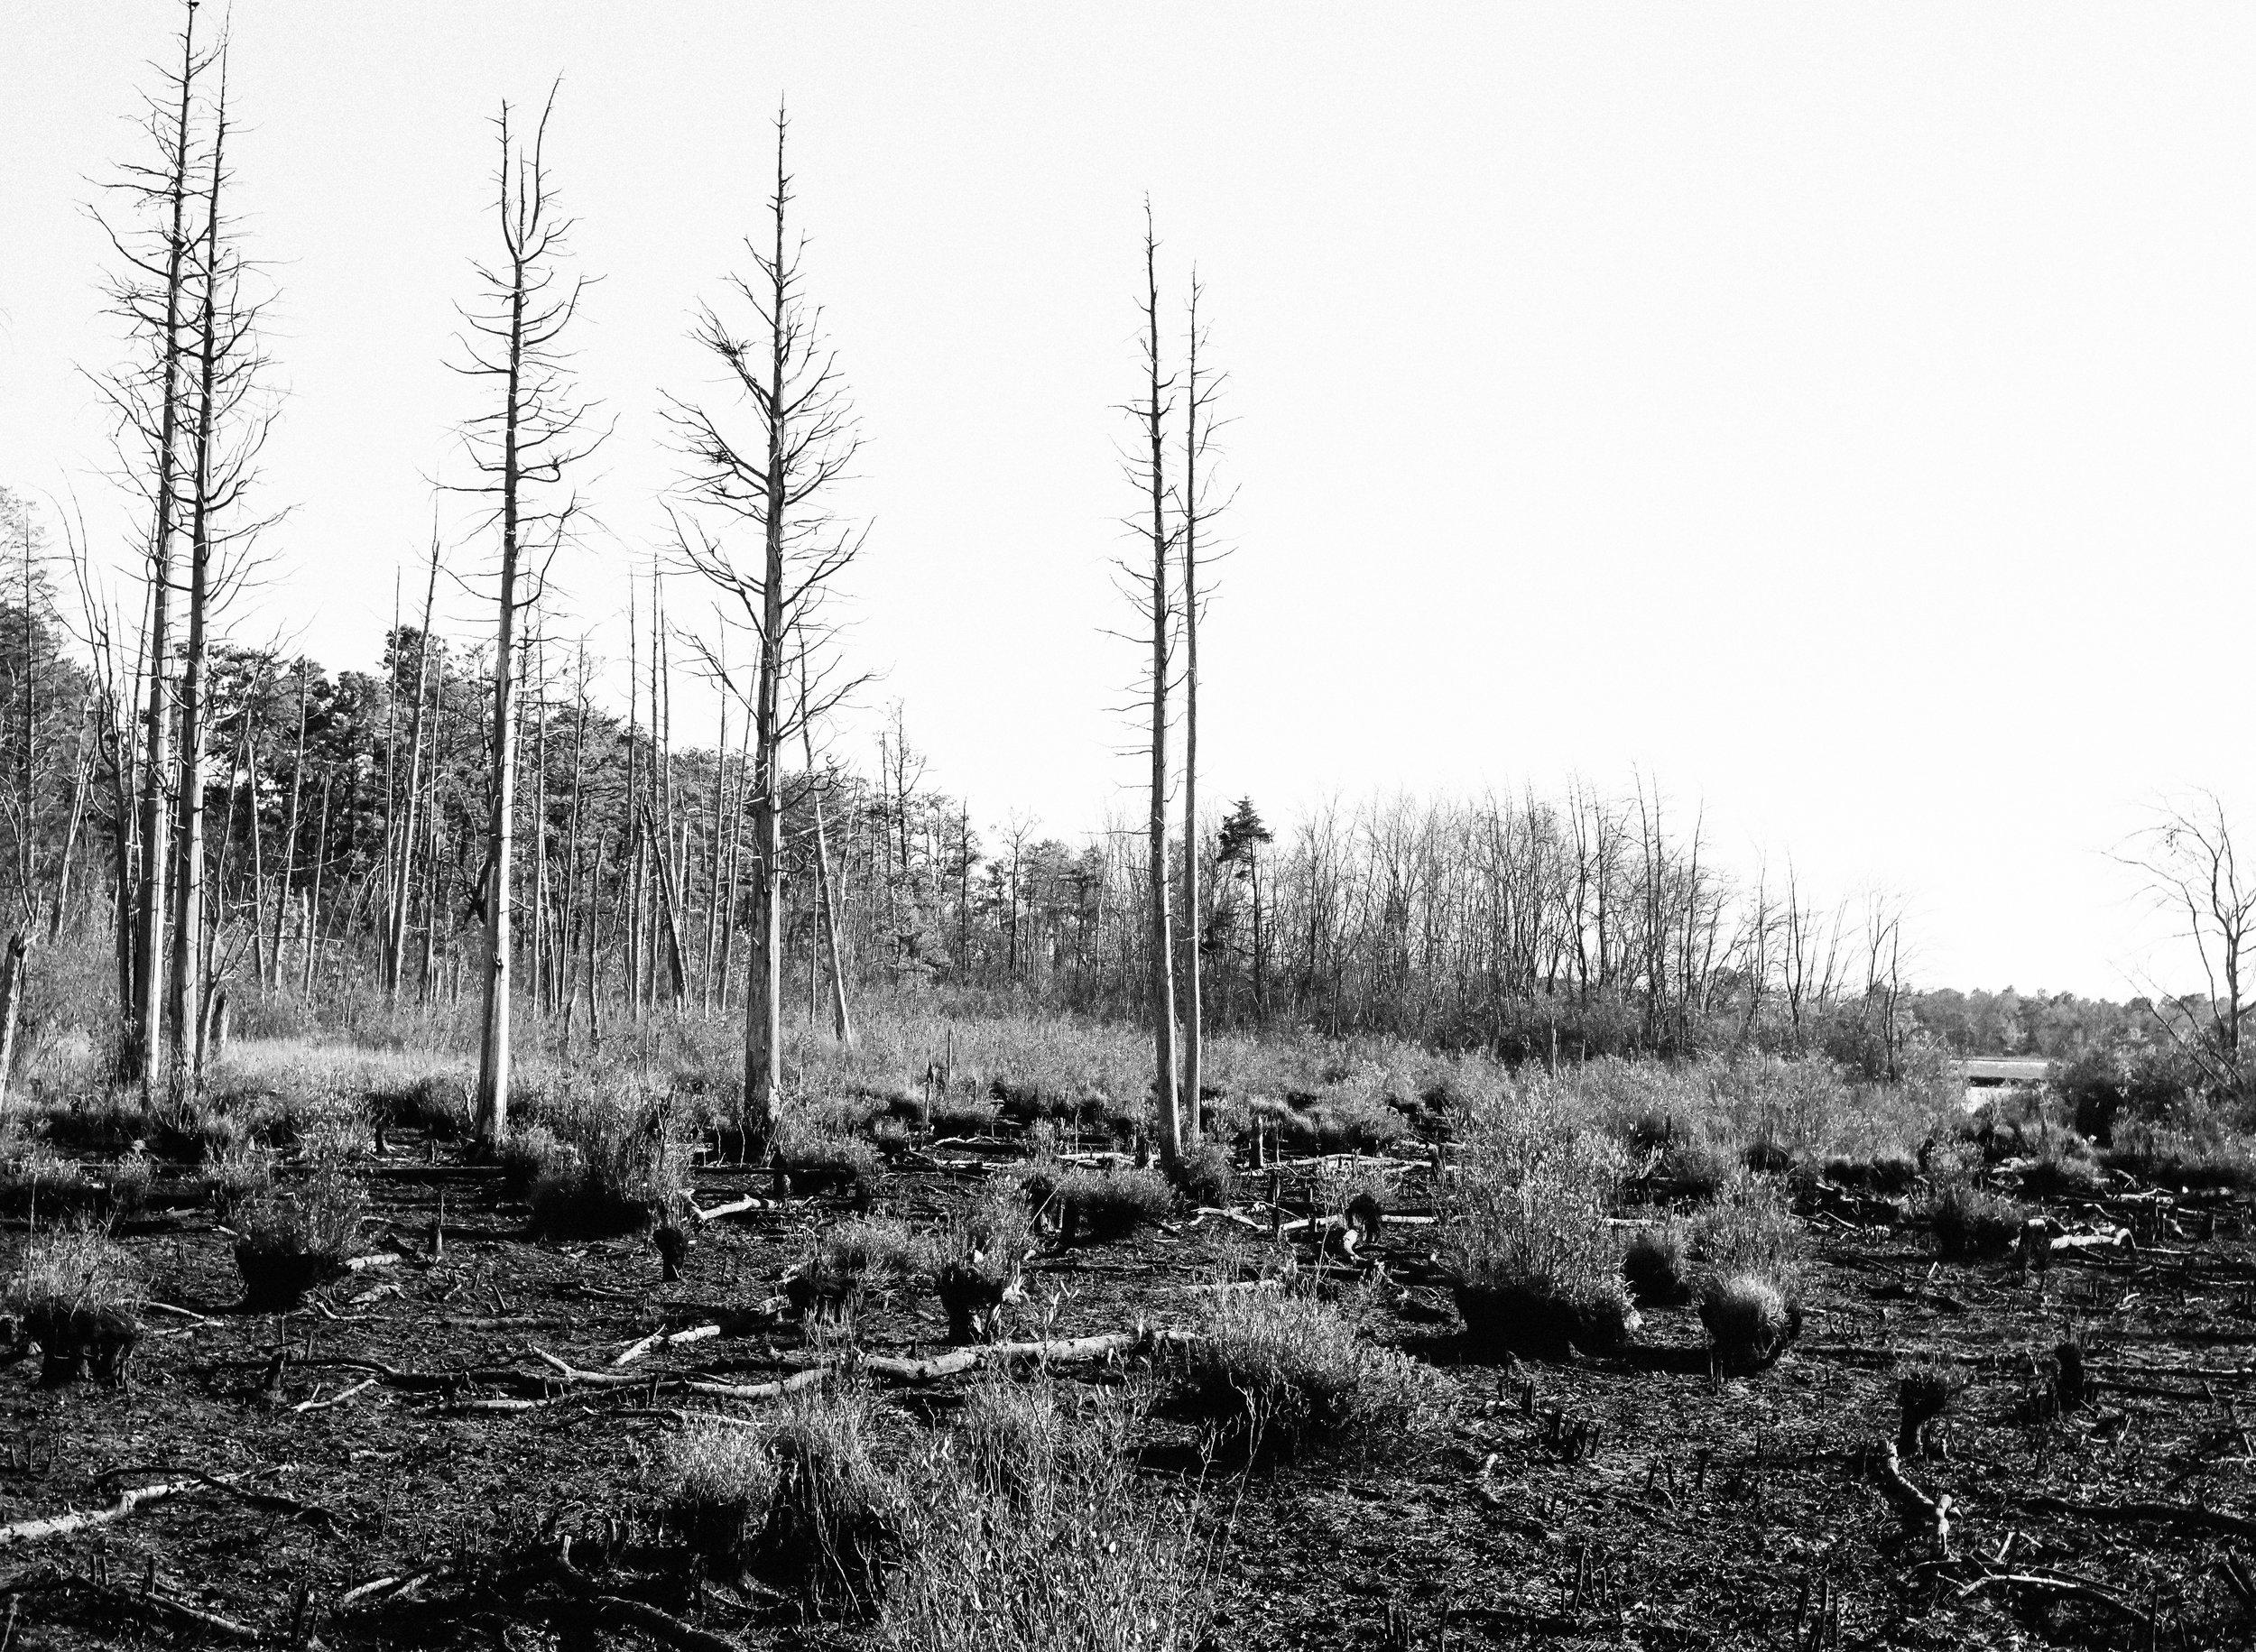 wasteland |Pentax 645N |SMCPentax FA 645-75mm F2.8 |Kodak T-Max 100 |Michael Fauscette